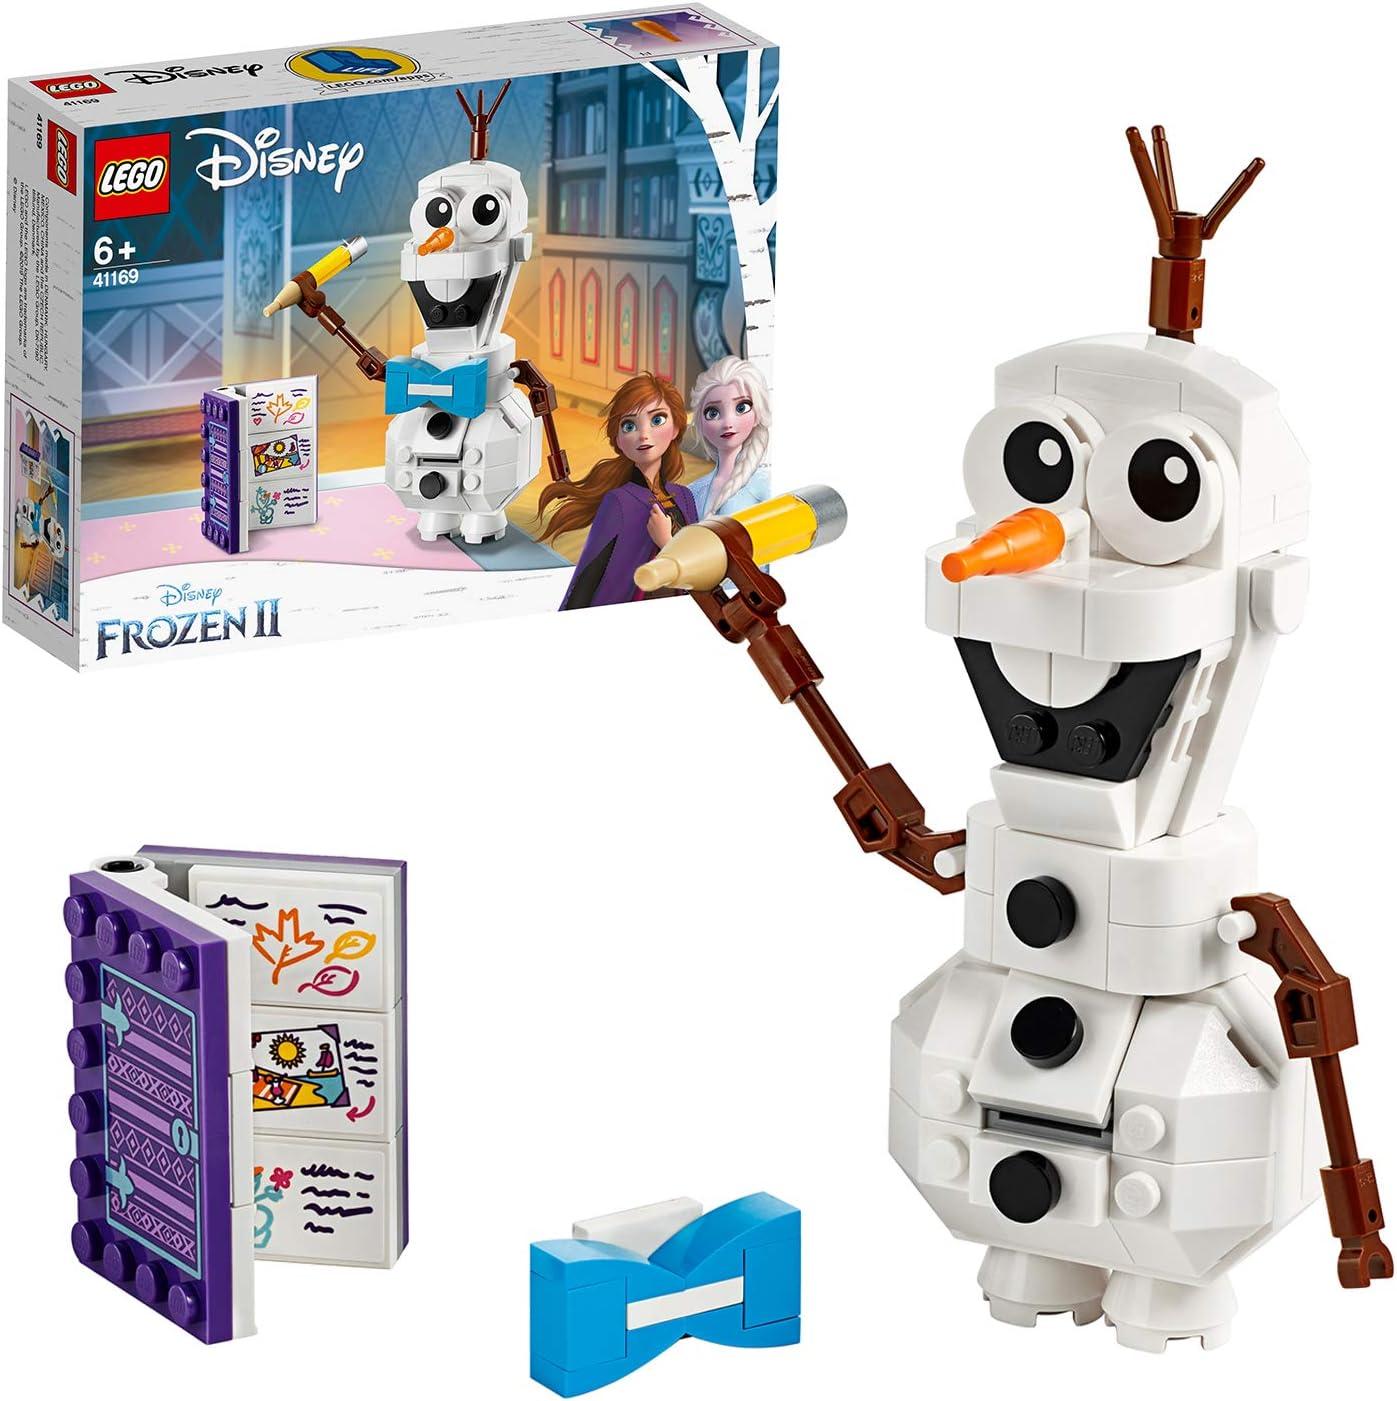 Olaf, Juguete de Construcción del Muñeco de nieve de Frozen 2, a partir de 6 años (41169) , color/modelo surtido